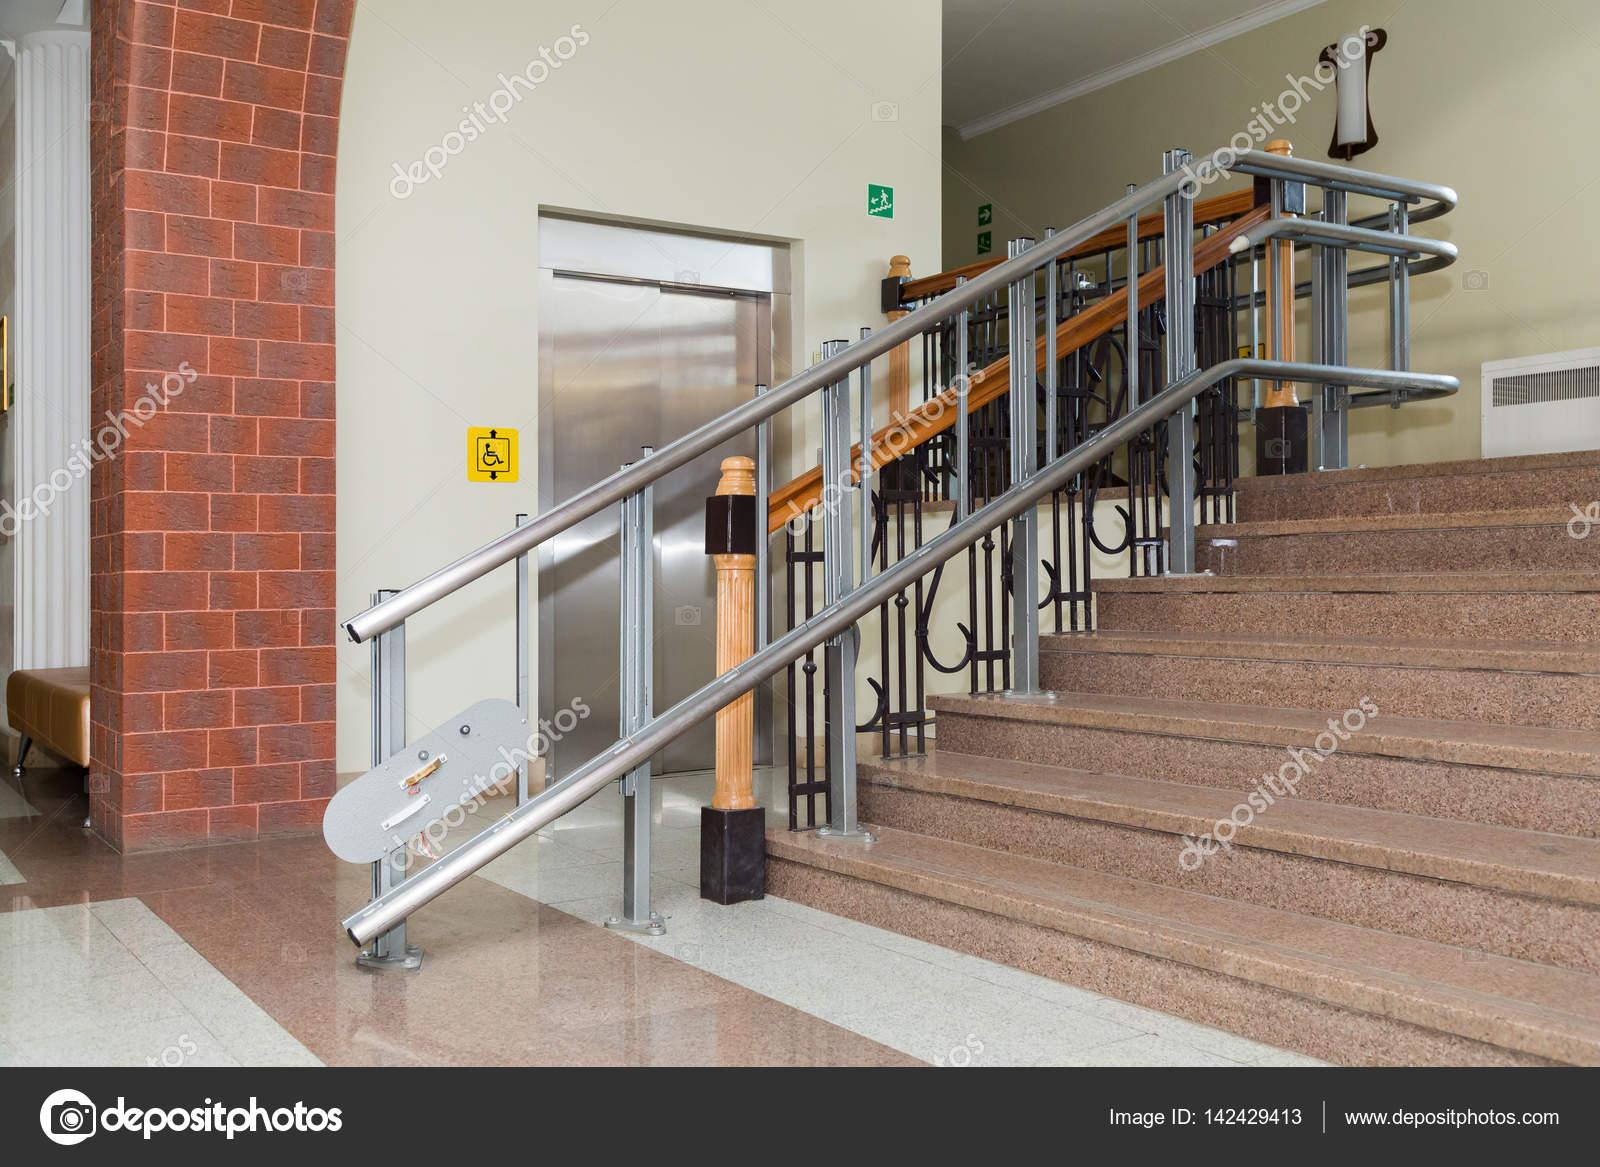 Silla elevadora para discapacitados escaleras del for Sillas para discapacitados